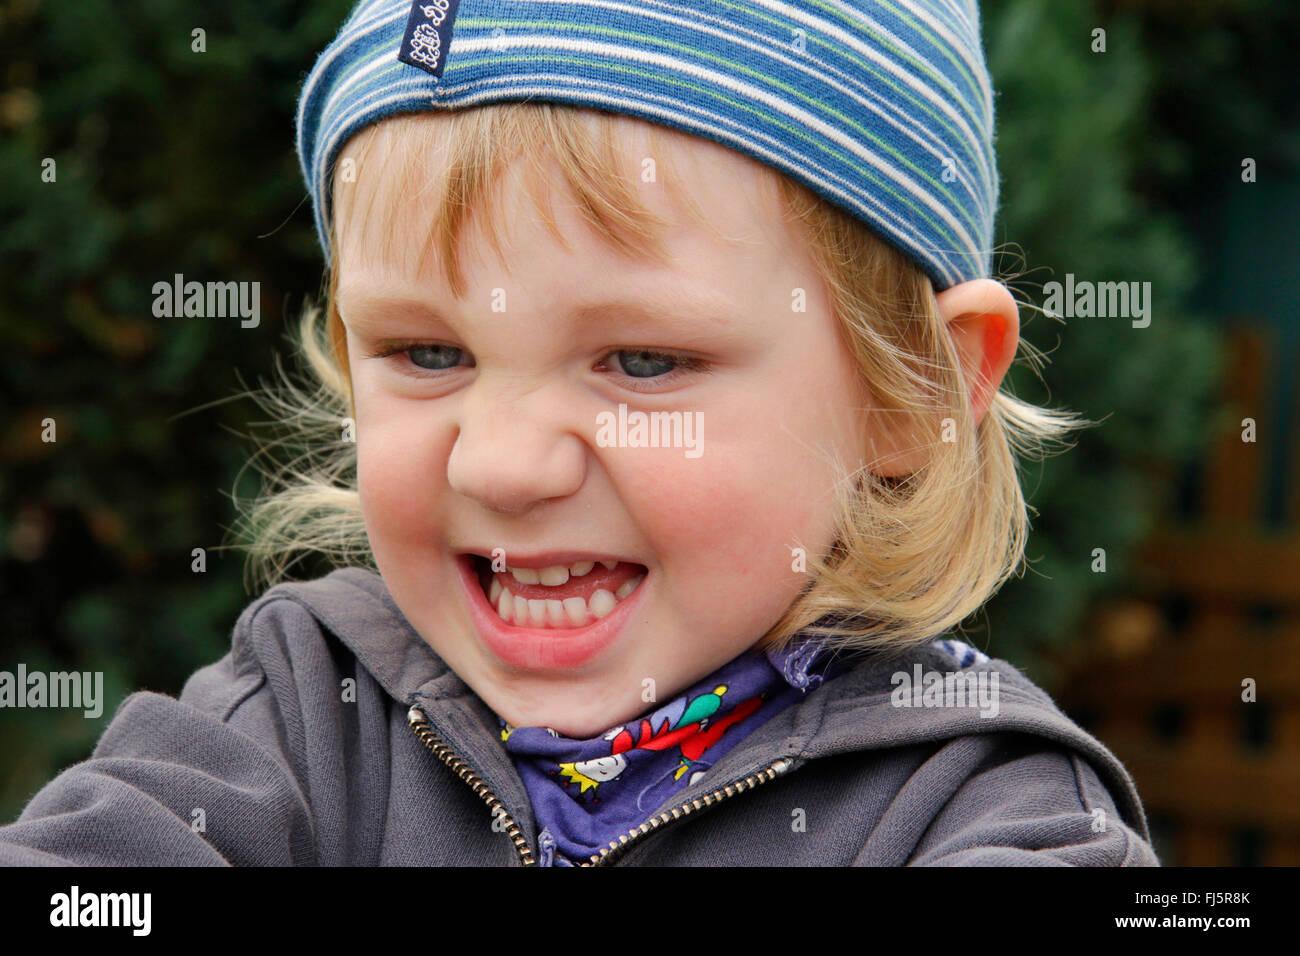 Petit garçon est de mauvaise humeur, portrait d'un enfant, Allemagne Photo Stock